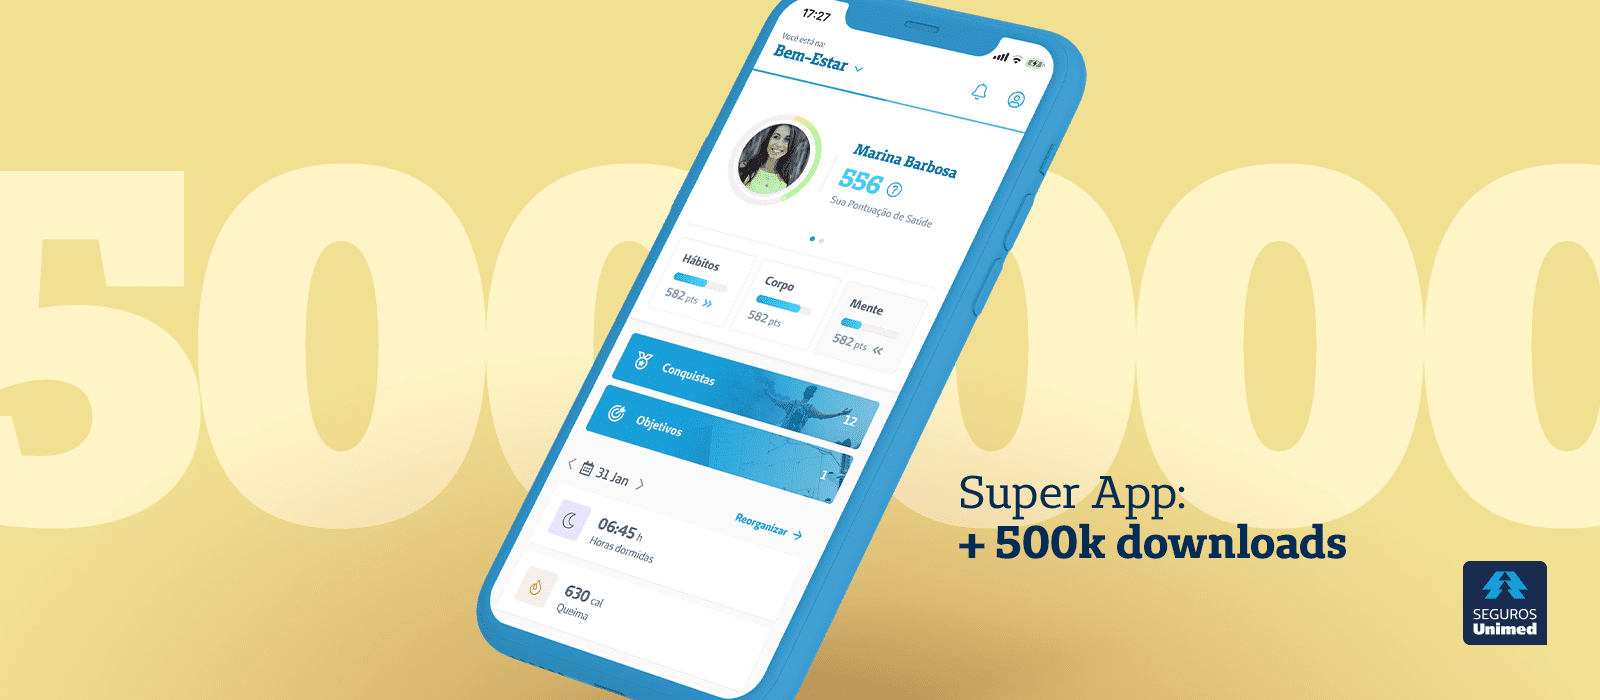 Seguros Unimed Super App - 500K downloads